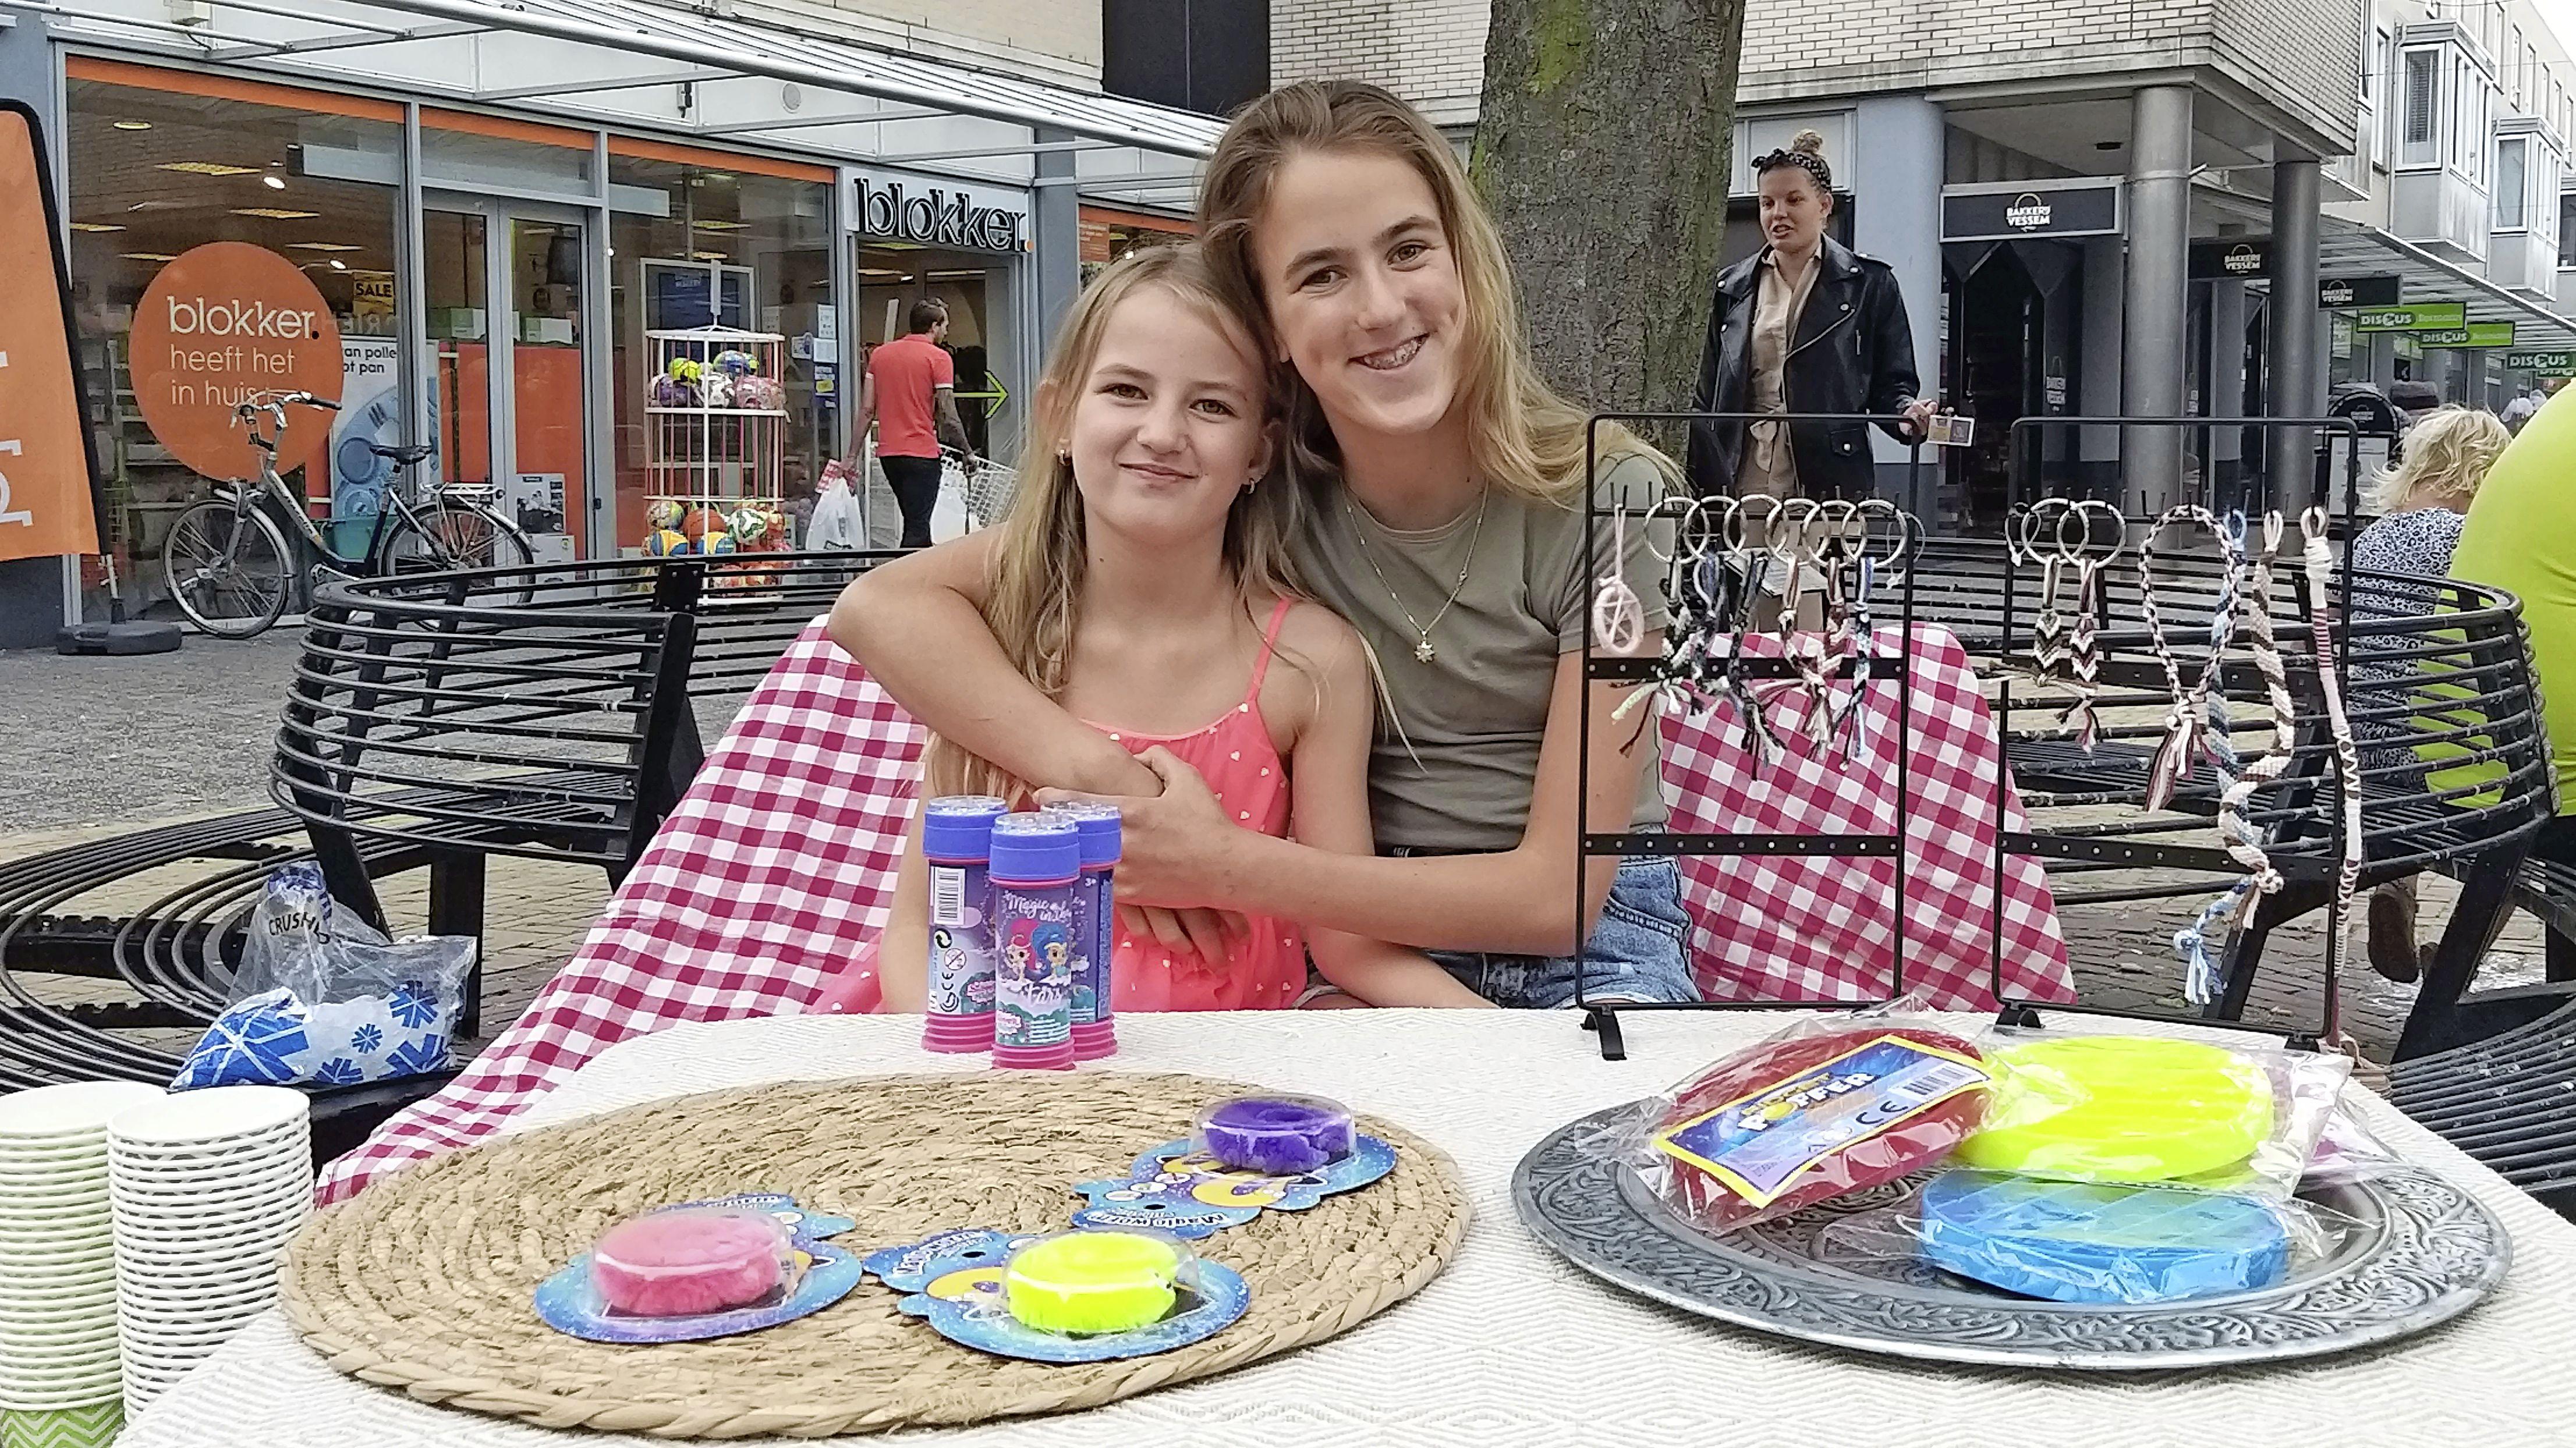 'Als we samen werken houden we van elkaar', zusjes Jayda en Chelsea houden tafeltjesverkoop